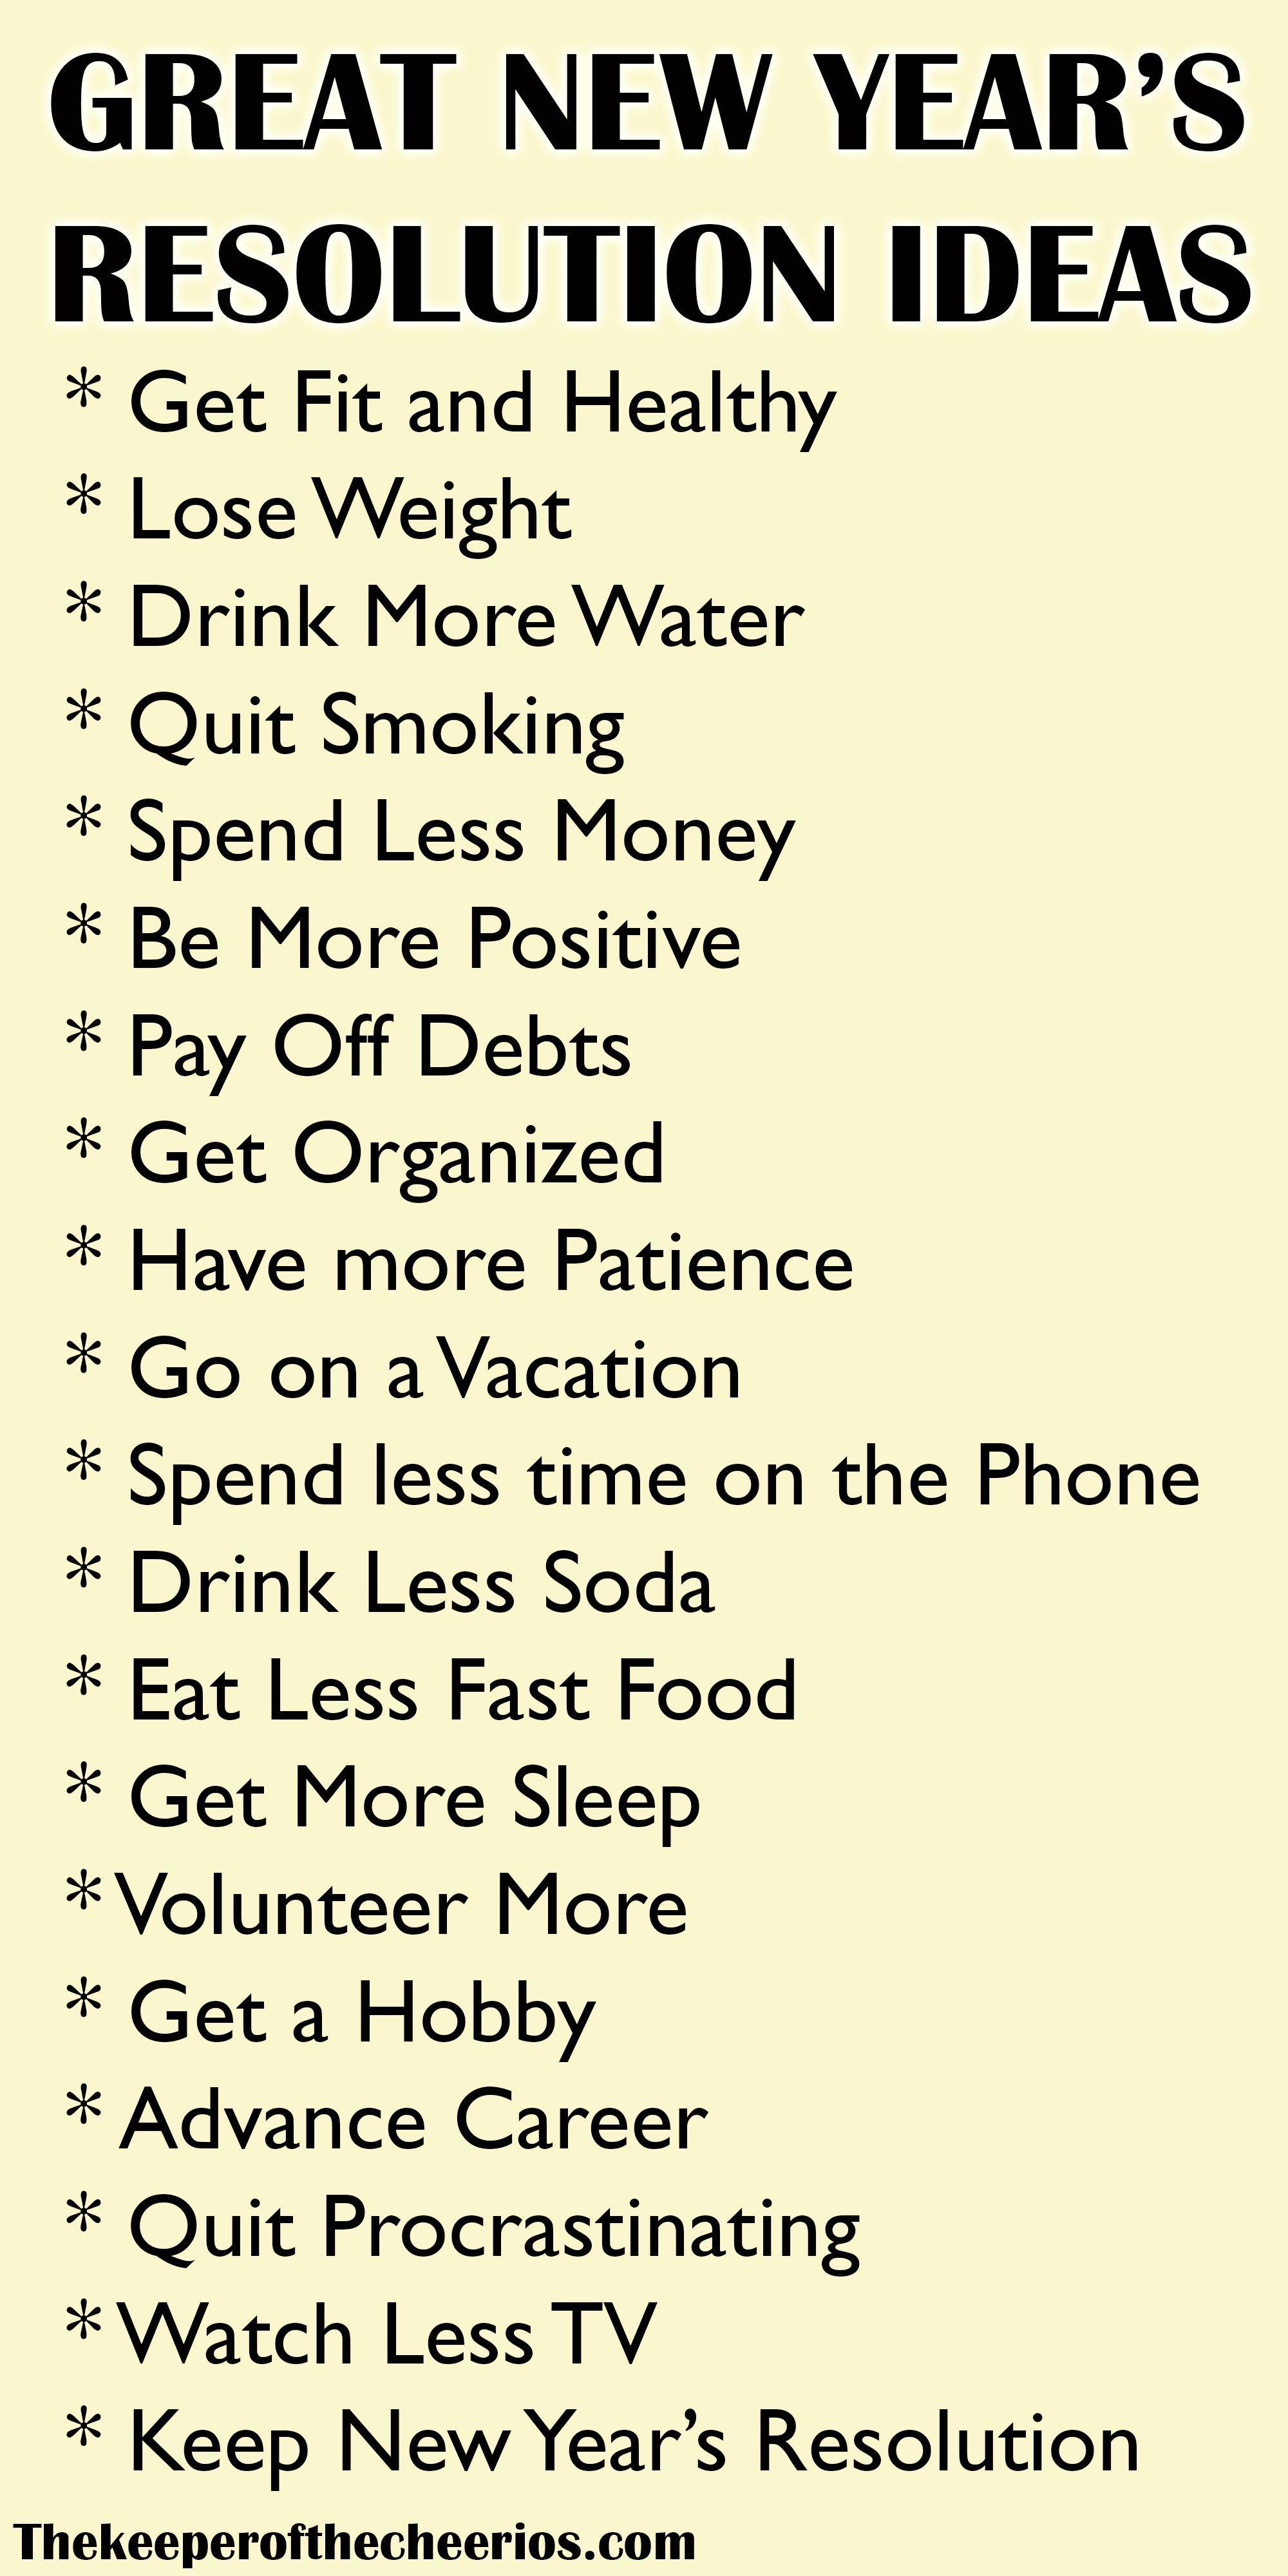 Newyearsresolutionideaslist Resolution Years Ideas Newnew Years Resolution Ideas 2017 New Yea Quotes About New Year New Years Resolution Resolution Quotes